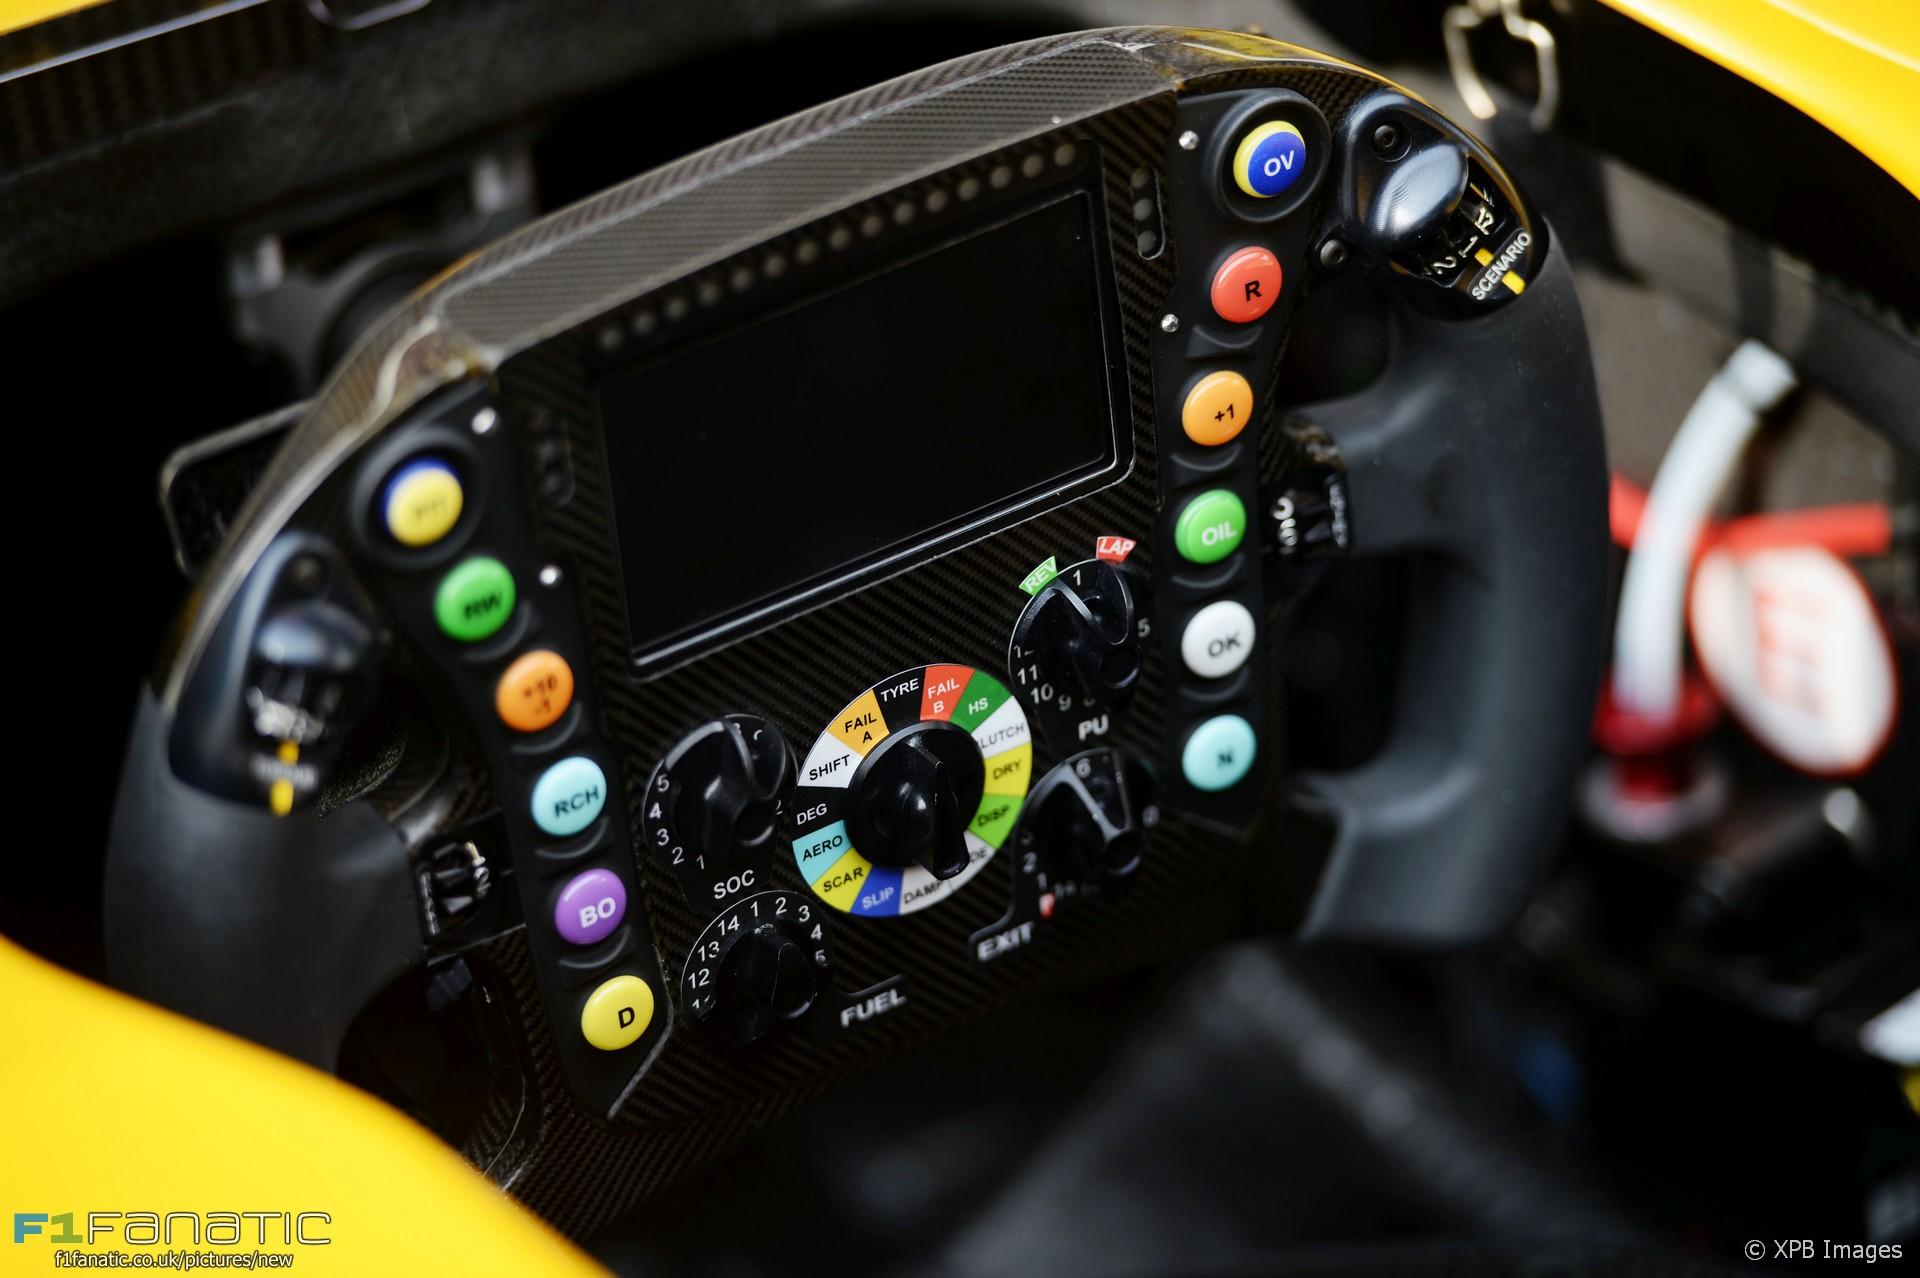 Renault Rs16 Steering Wheel Shanghai International Circuit 2016